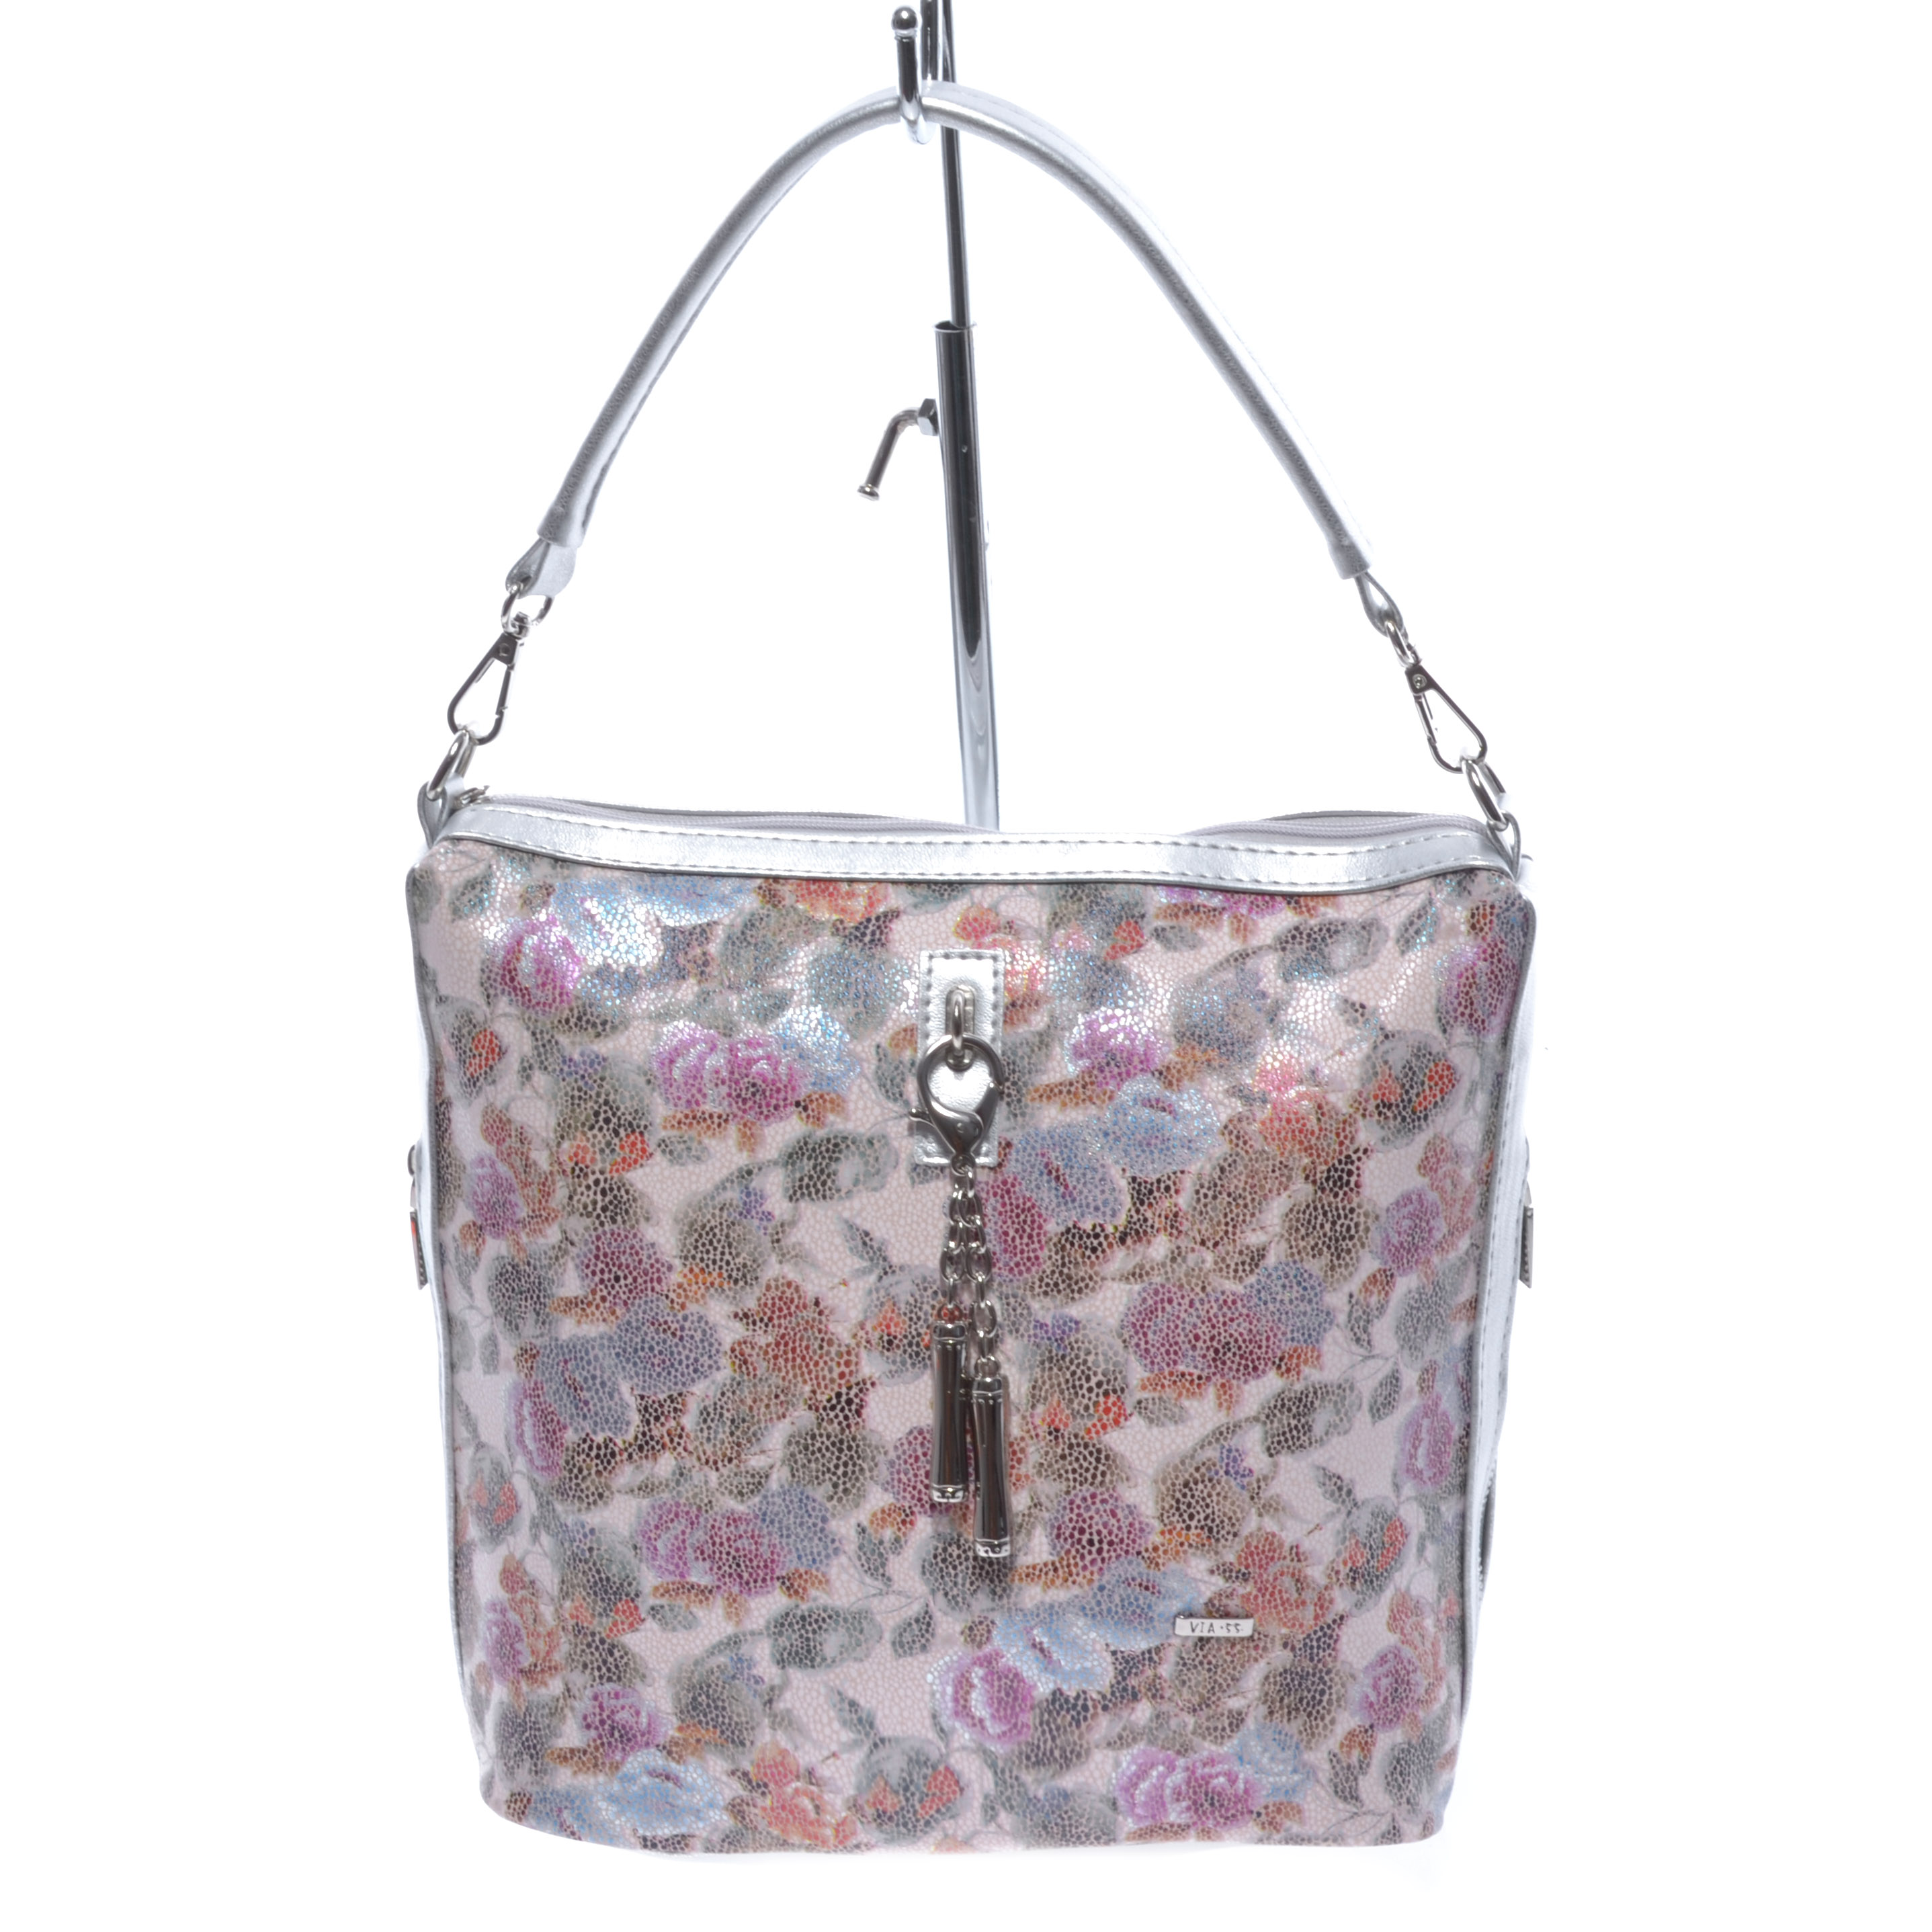 ac9f63ebe977 Via.55 Virágos Műbőr Női Válltáska - Válltáskák - Táska webáruház -  Minőségi táskák mindenkinek